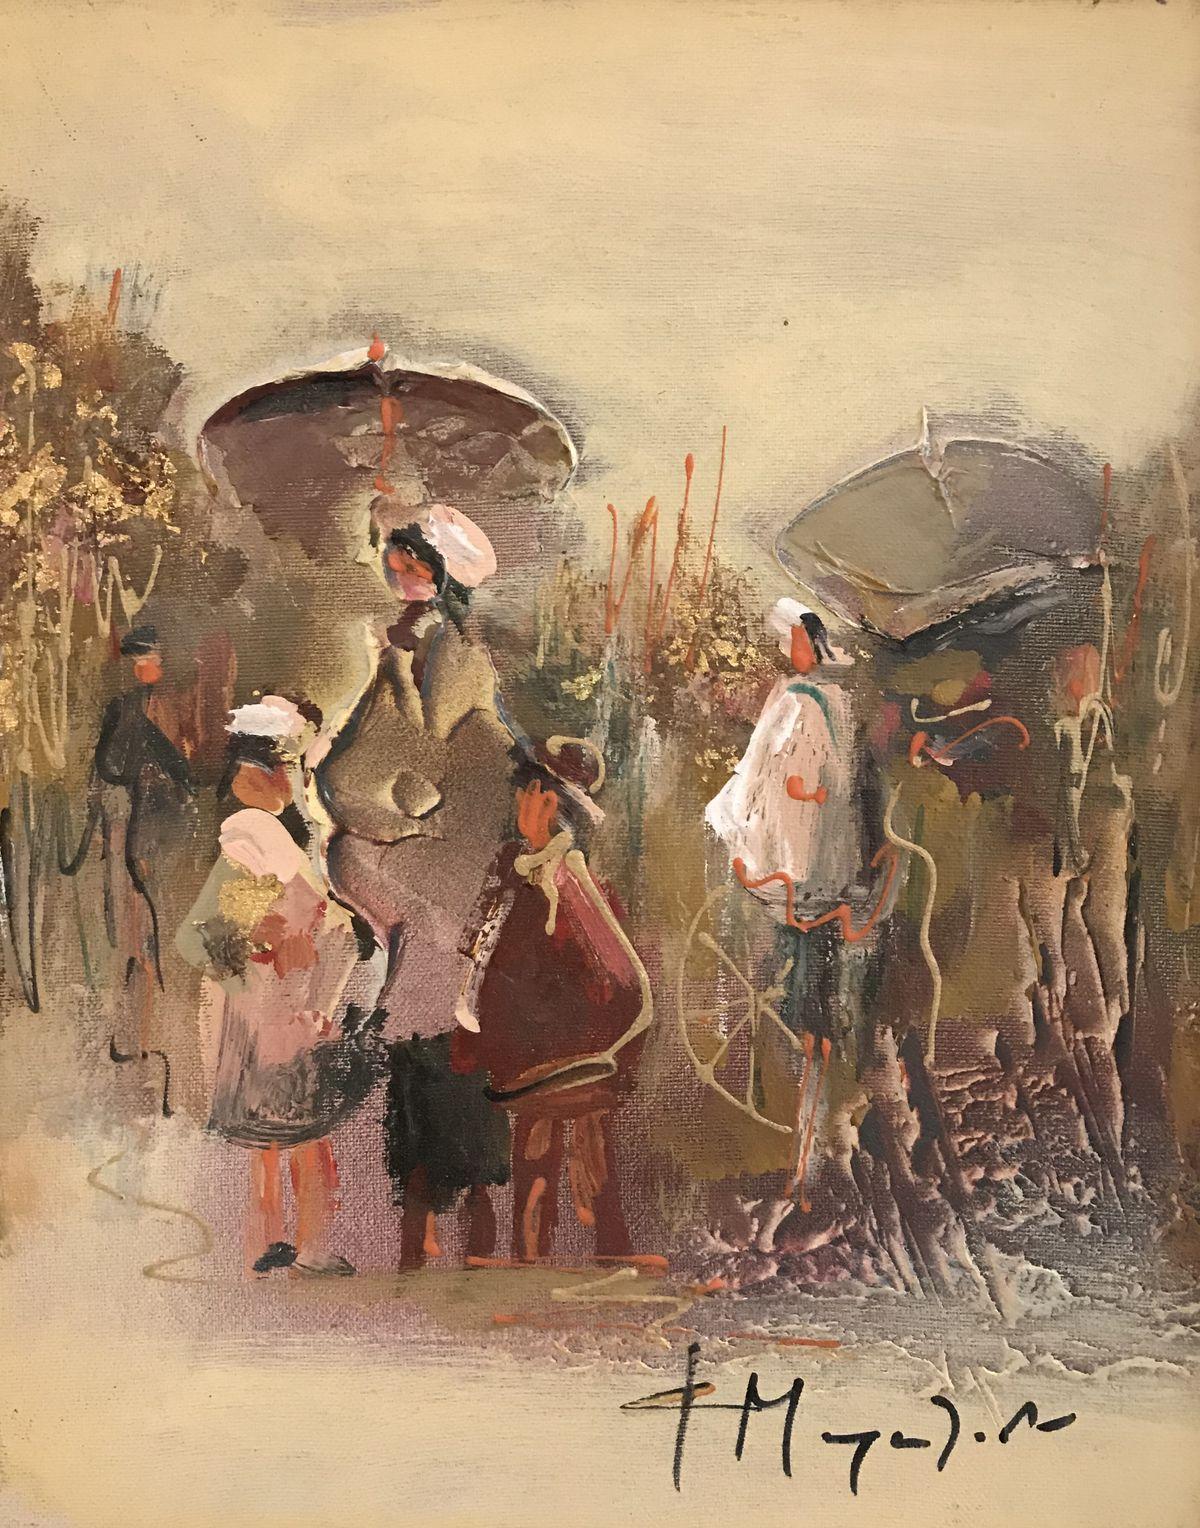 Φώφη Μουρατίδου 24×30 εκ. Ακρυλικά σε καμβά Fofi Mouratidou 24×30 cm Acrylics on canvas